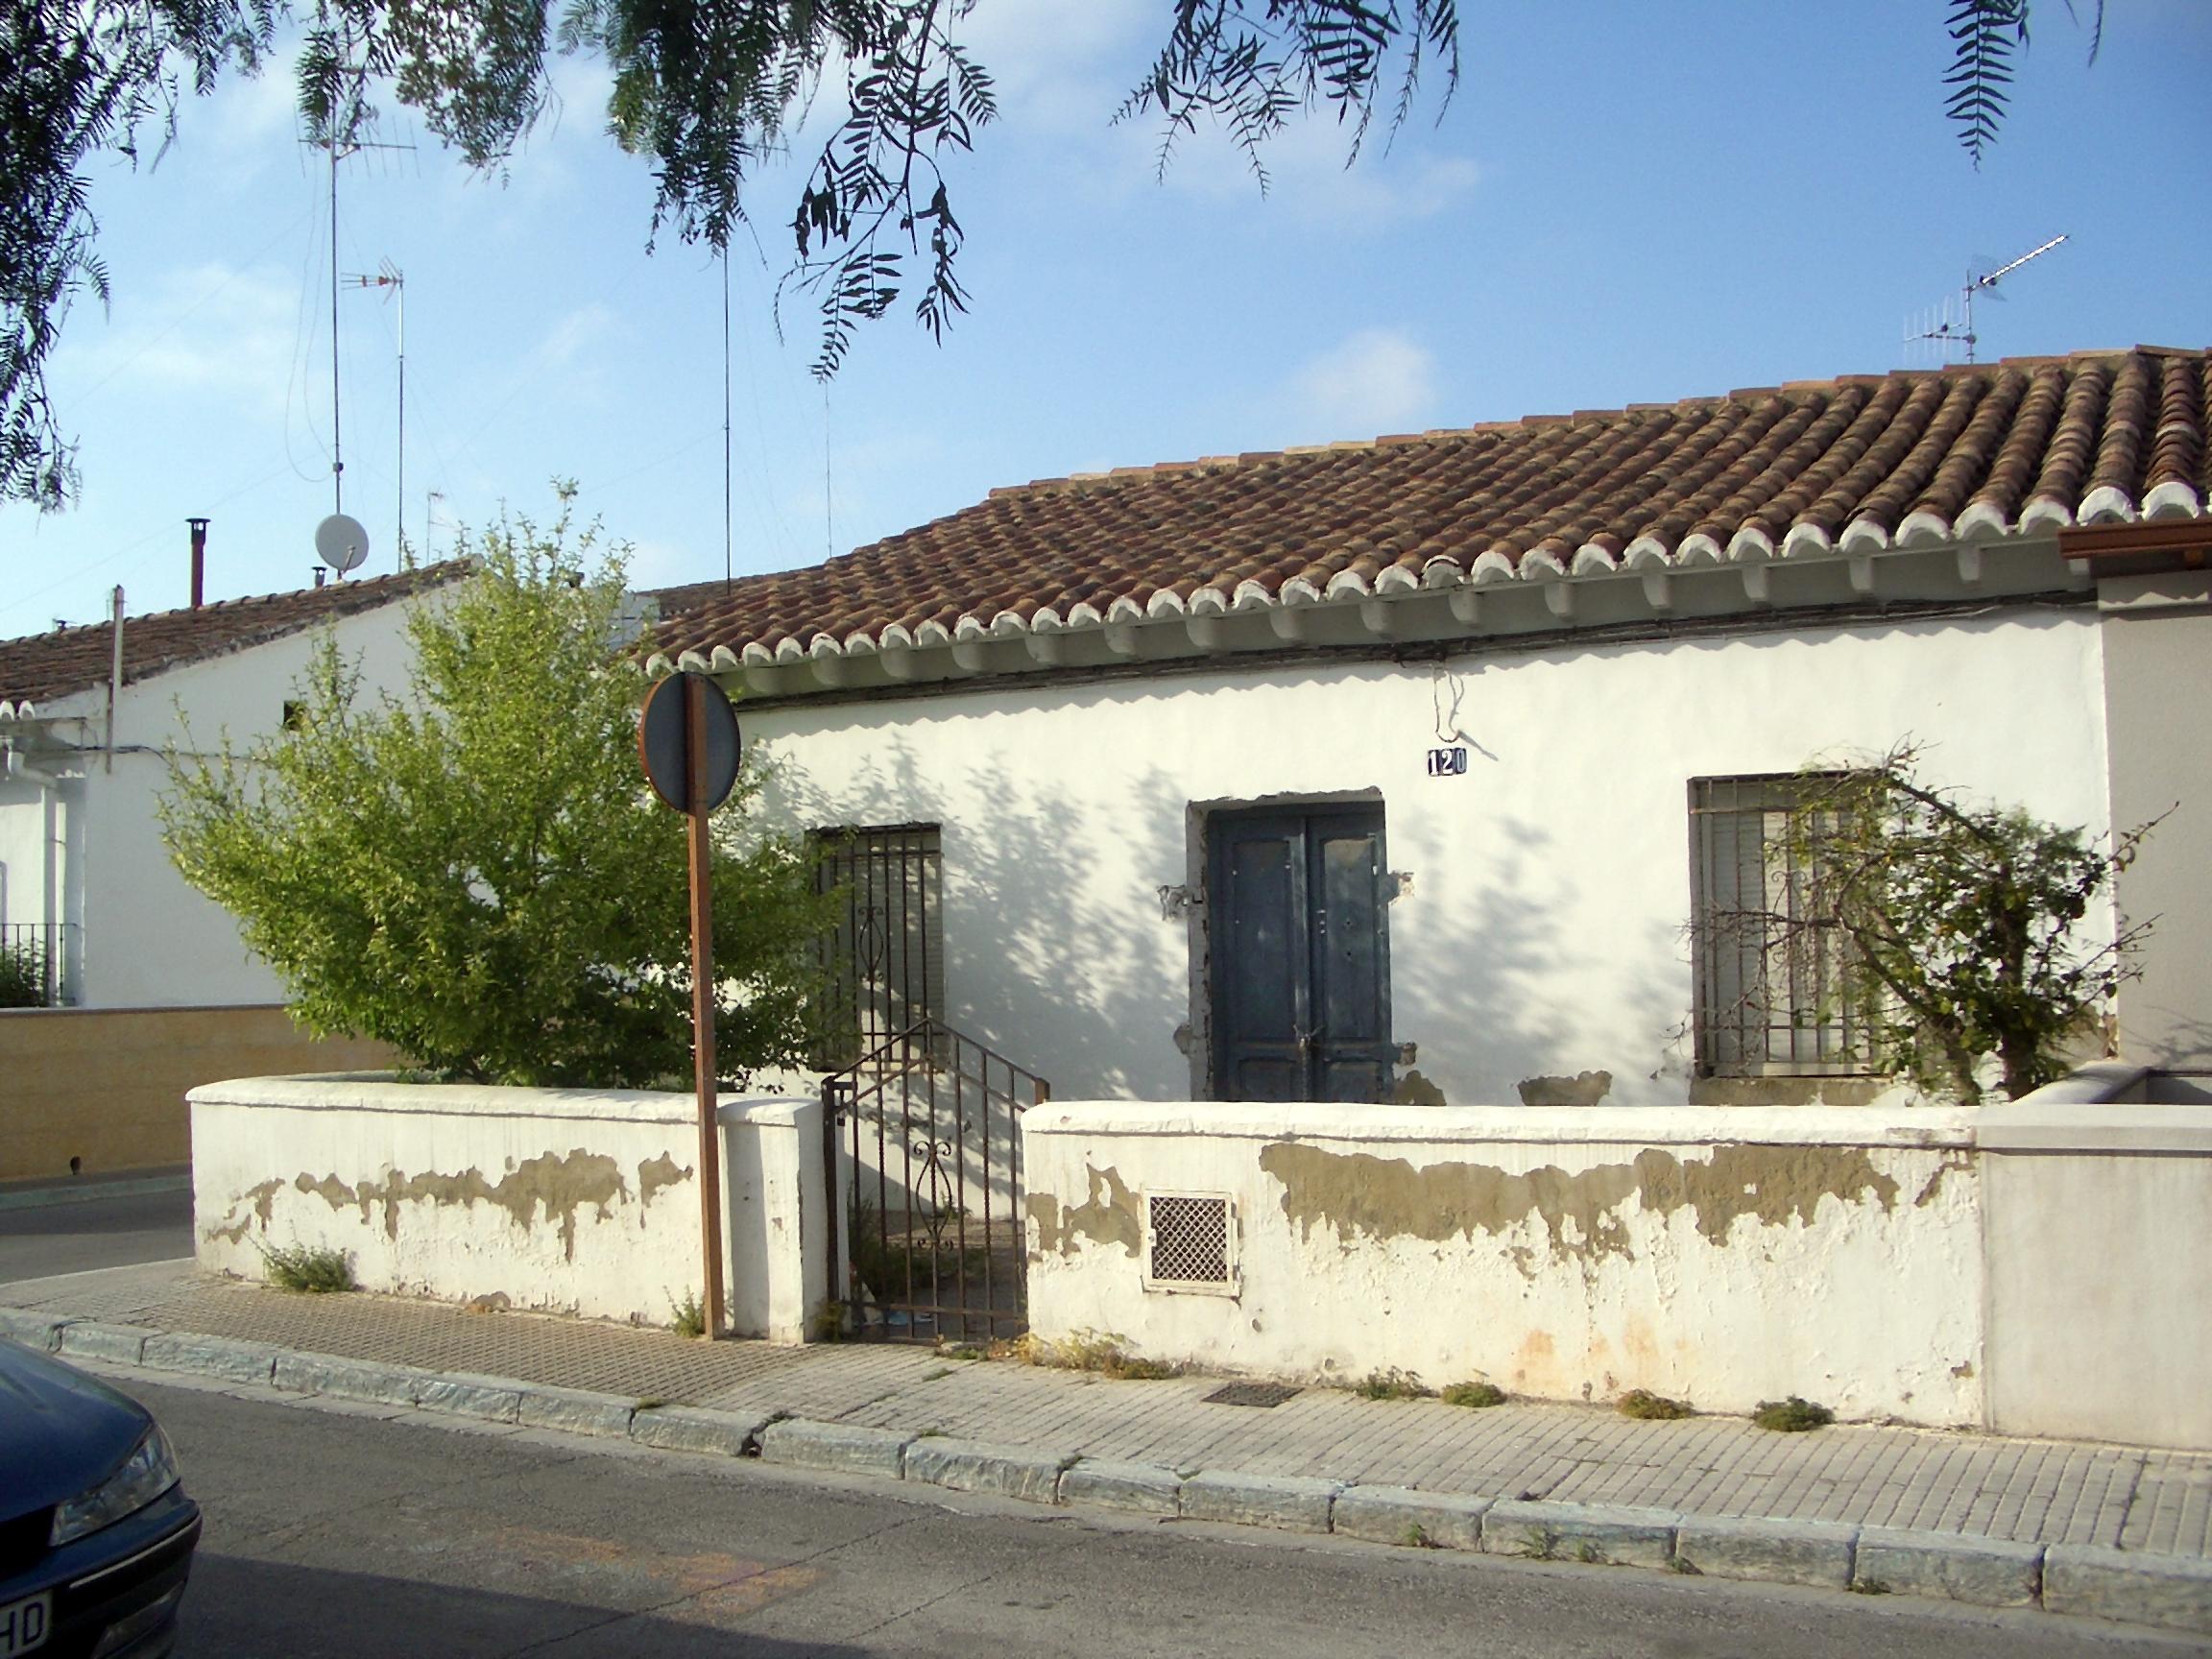 Iniciativa porte a blog archive casa museo obrera cu nto tiempo tendr que esperar - Casas en sagunto ...